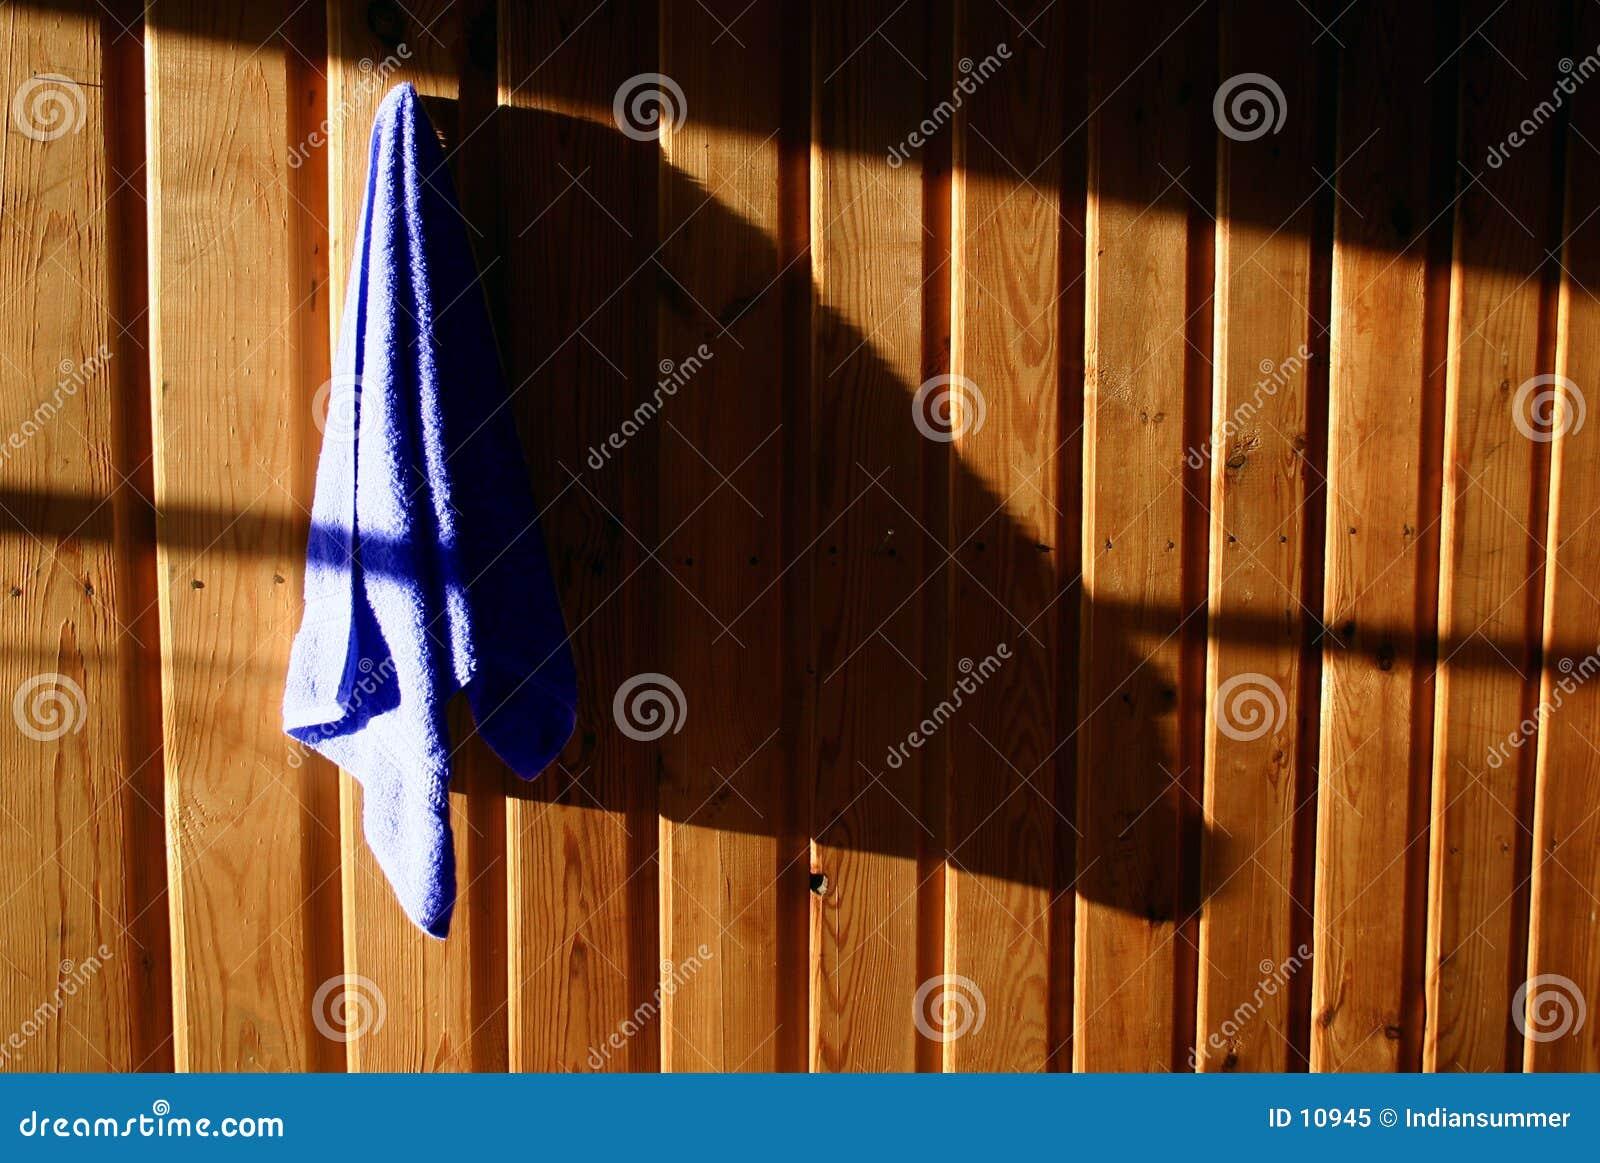 Handdoek op de muur